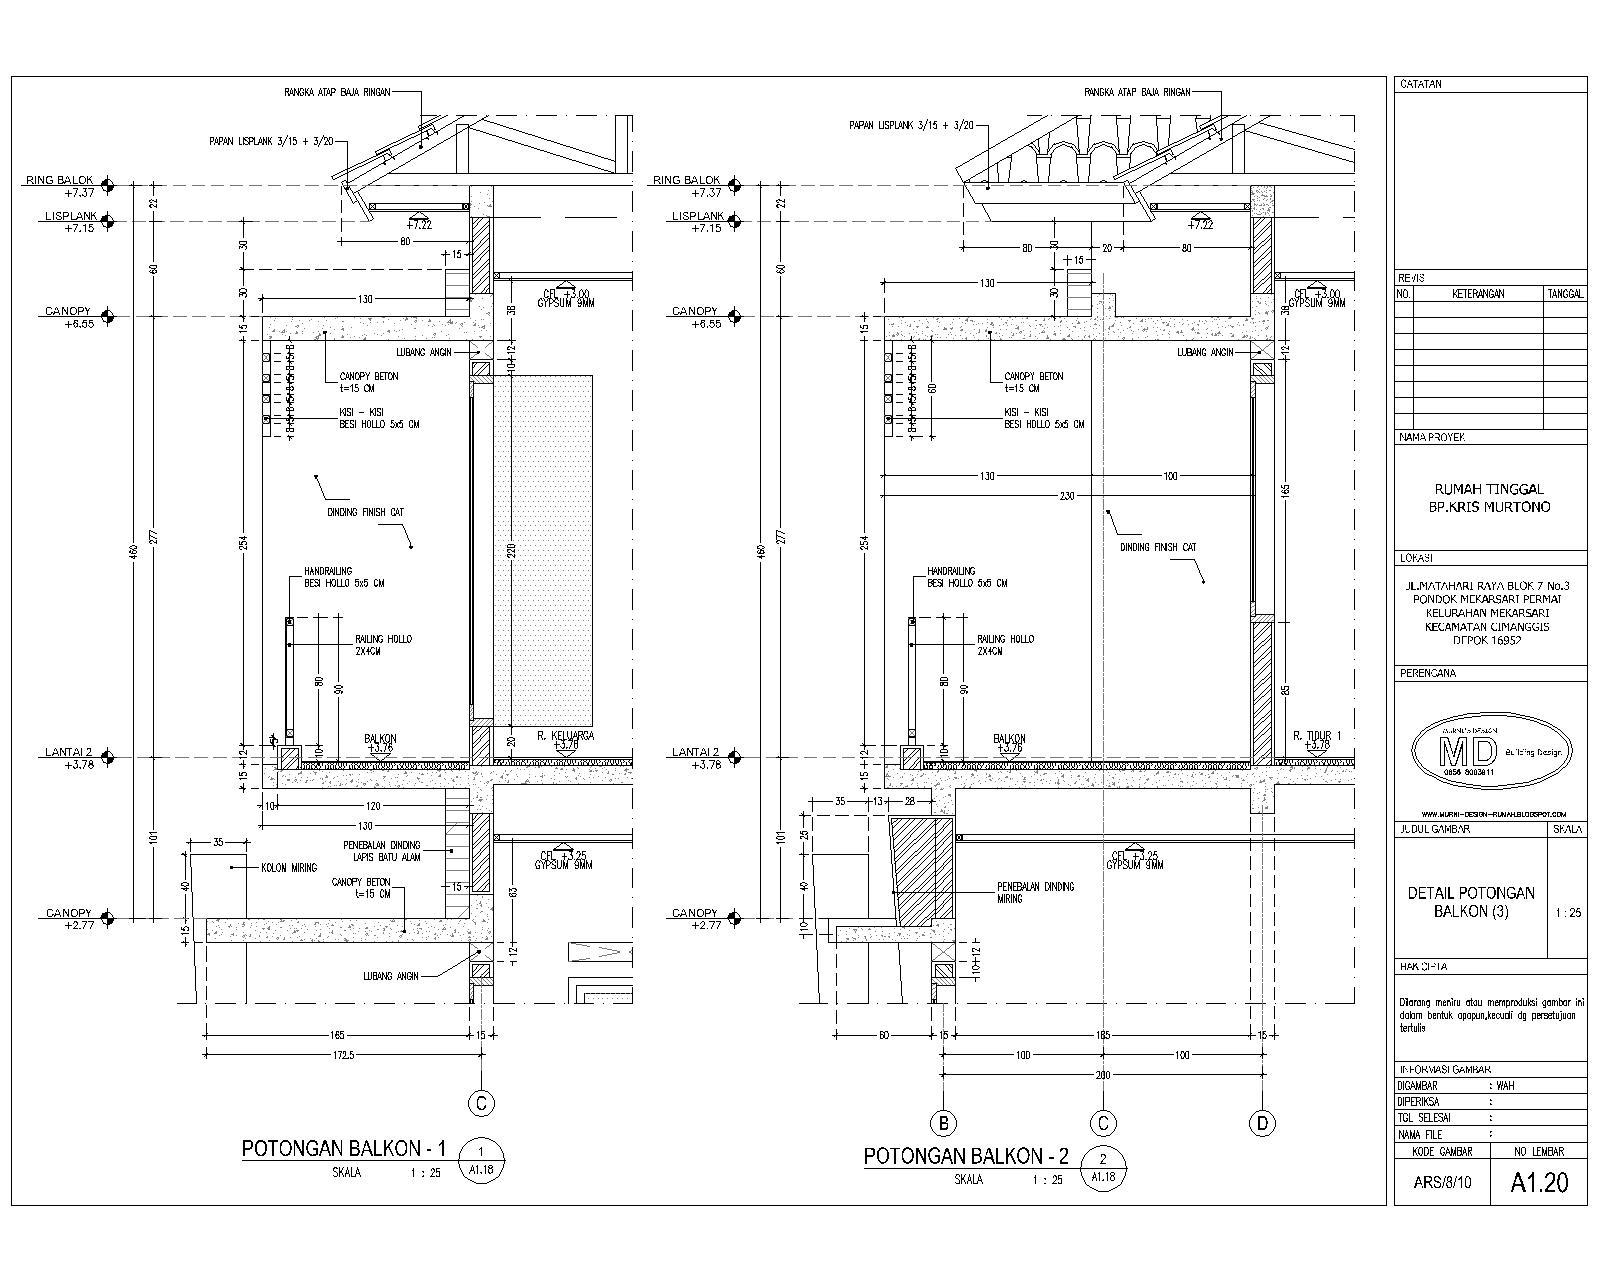 Jasa Desain Arsitek Rumah Murah : 25rb/M2